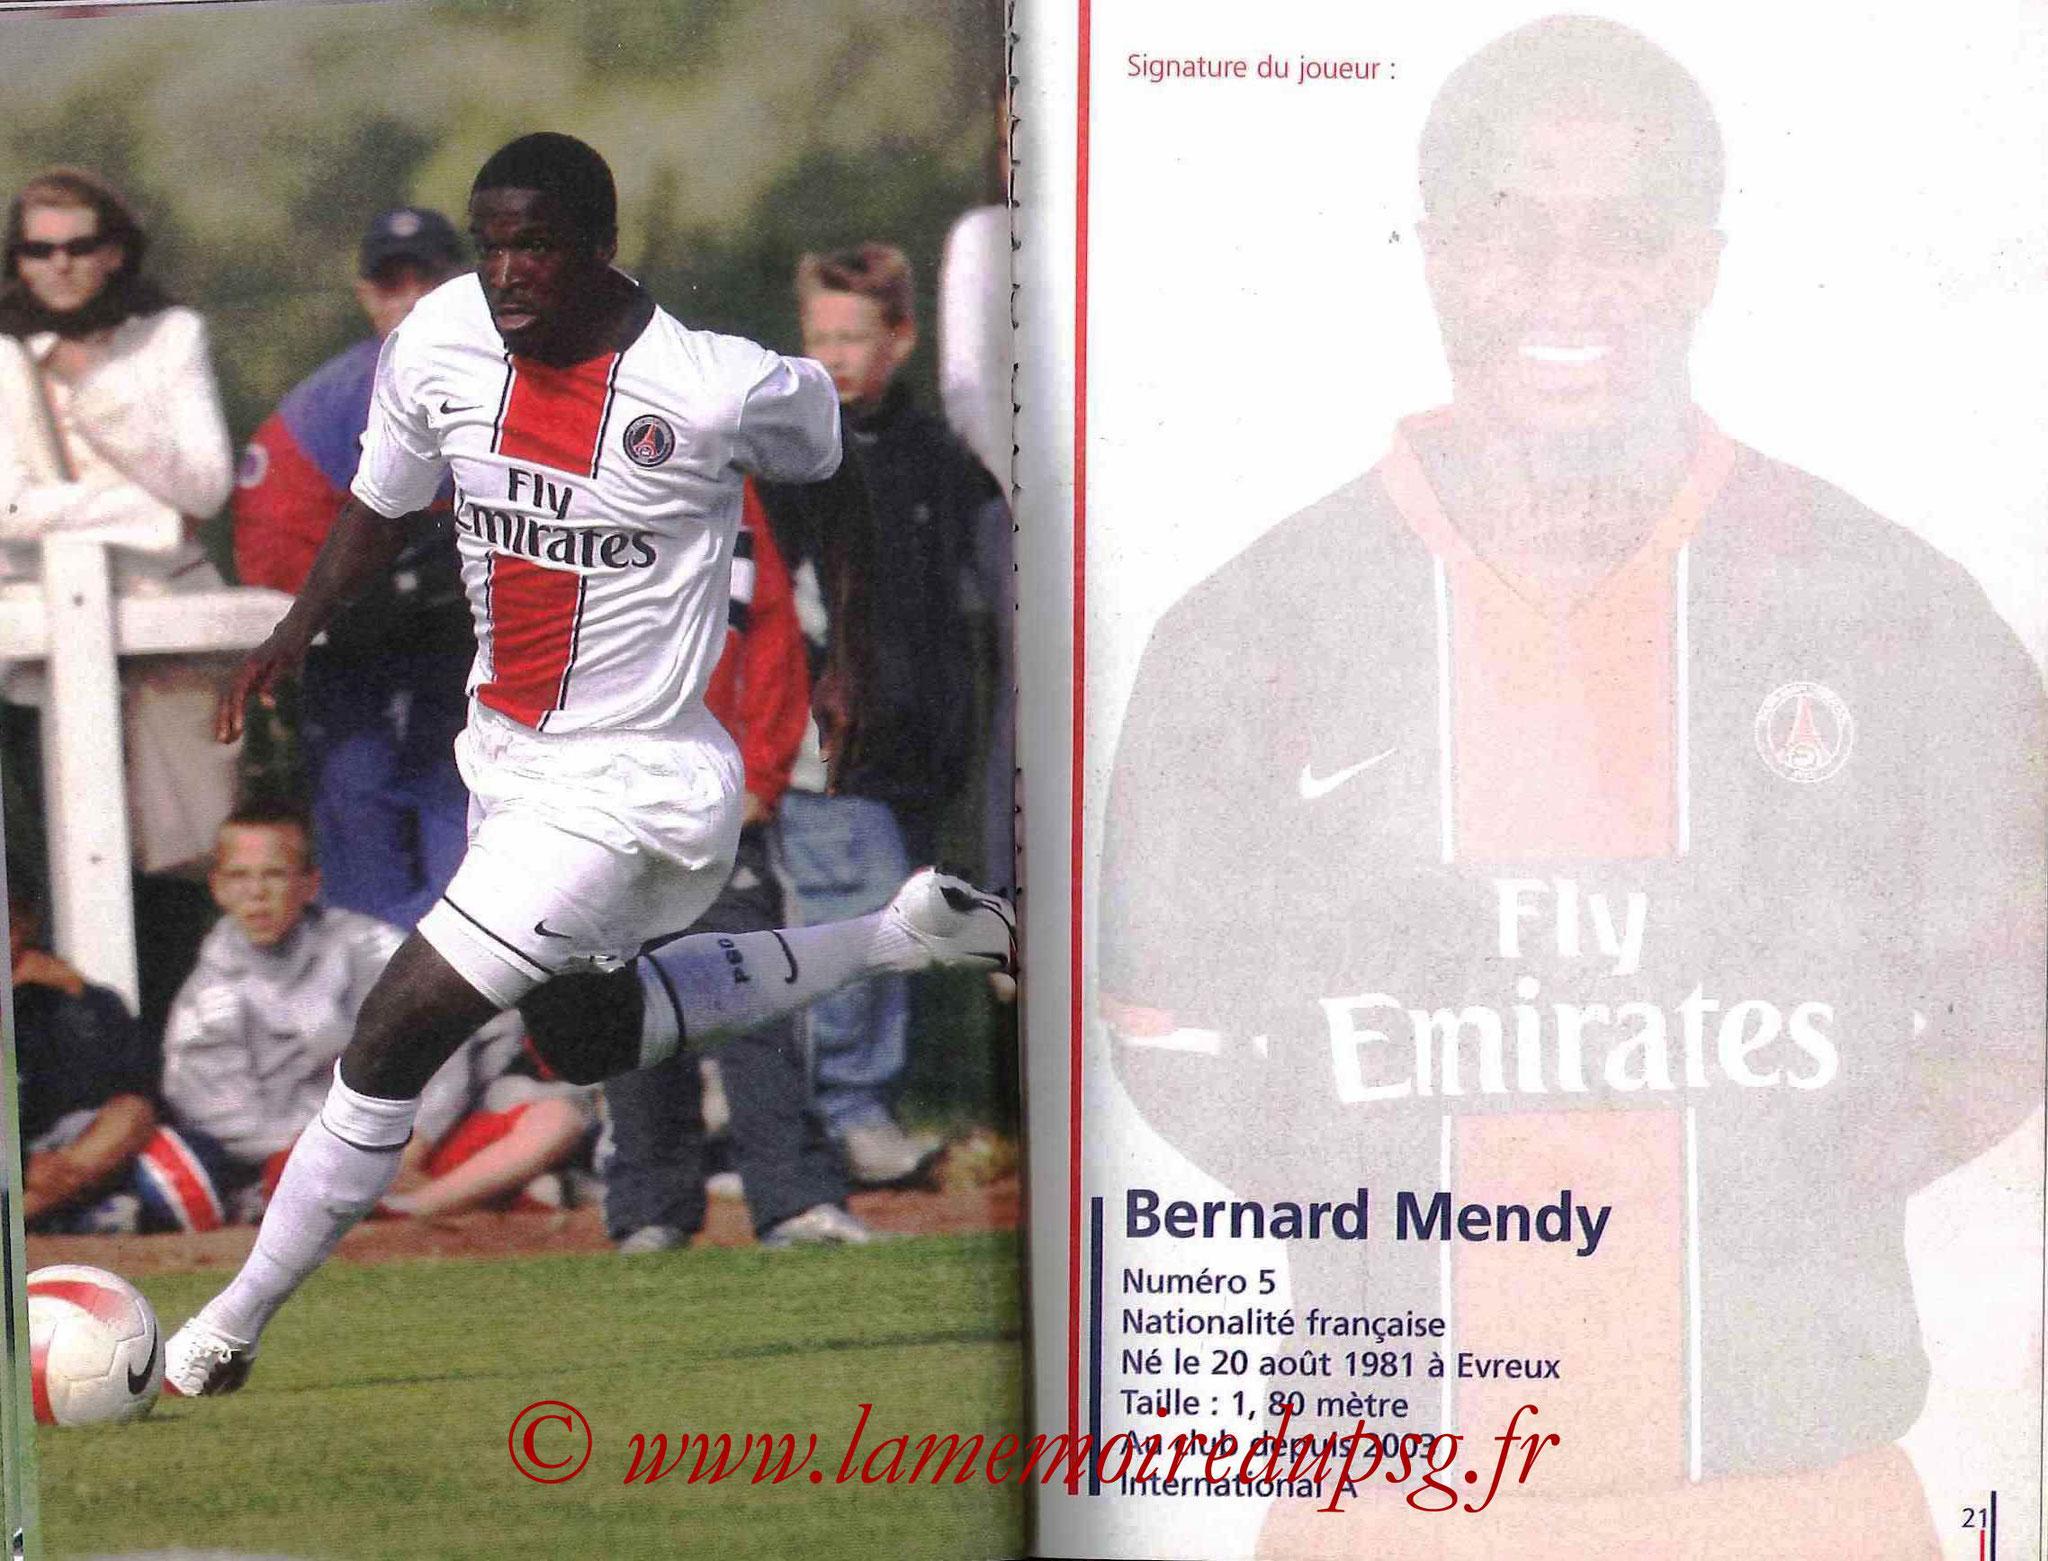 2007-08 - Guide de la Saison PSG - Pages 20 et 21 - Bernard MENDY